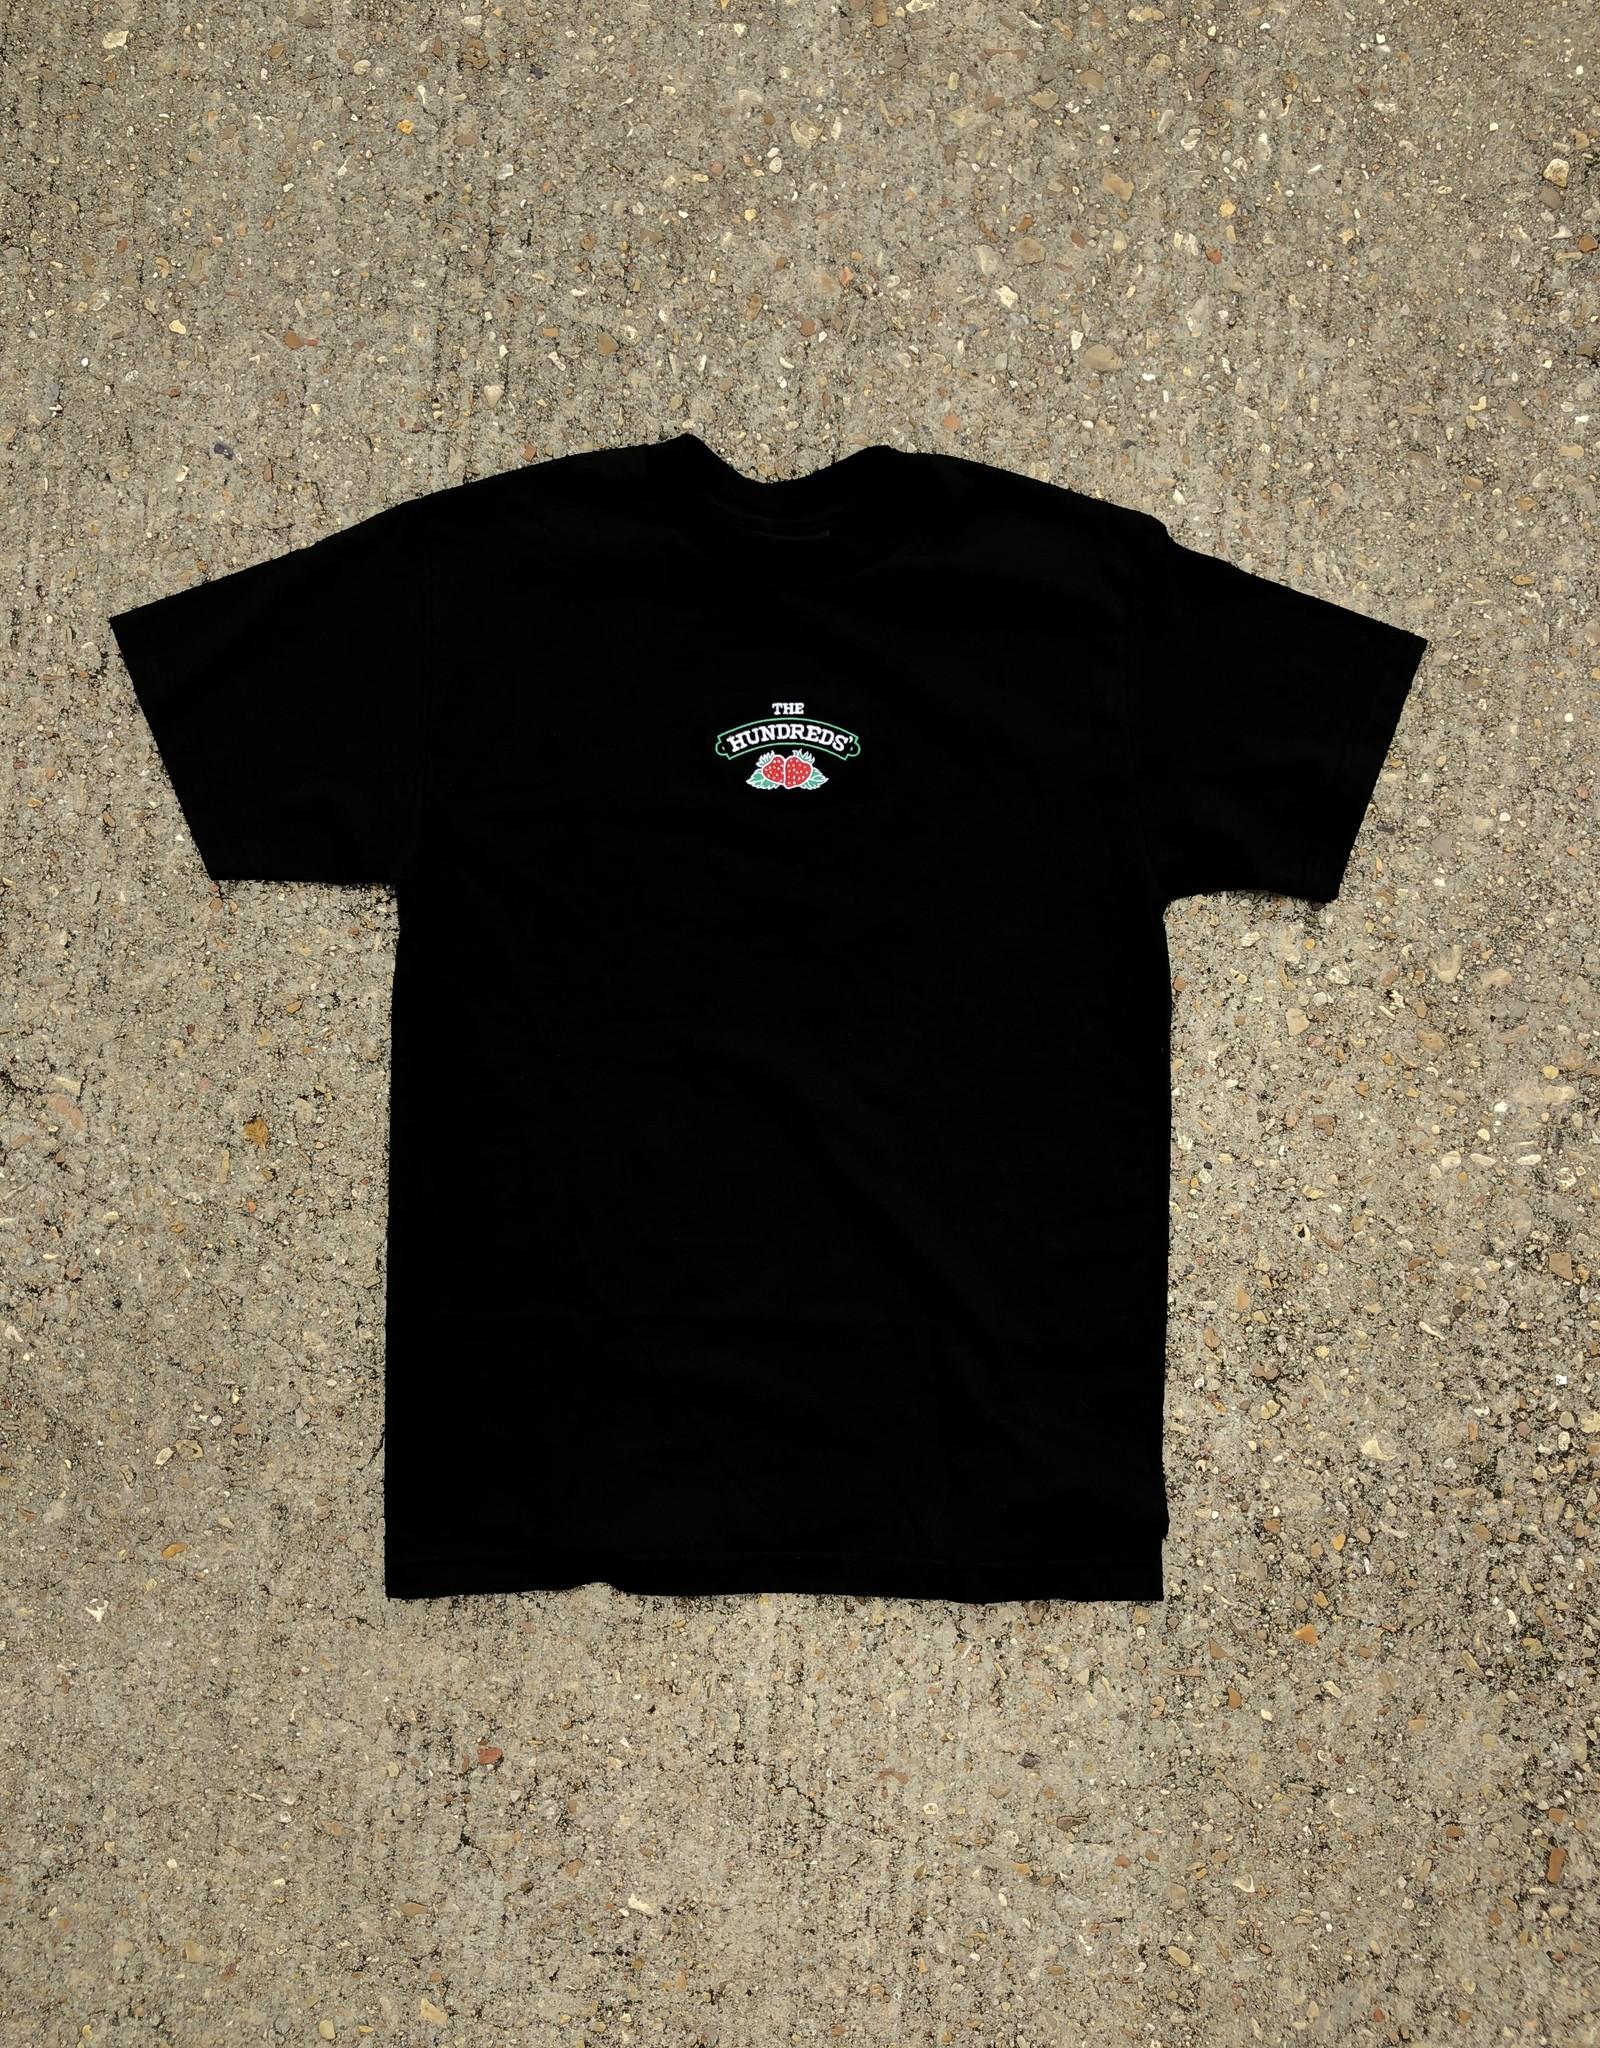 The Hundreds Jams T-Shirt